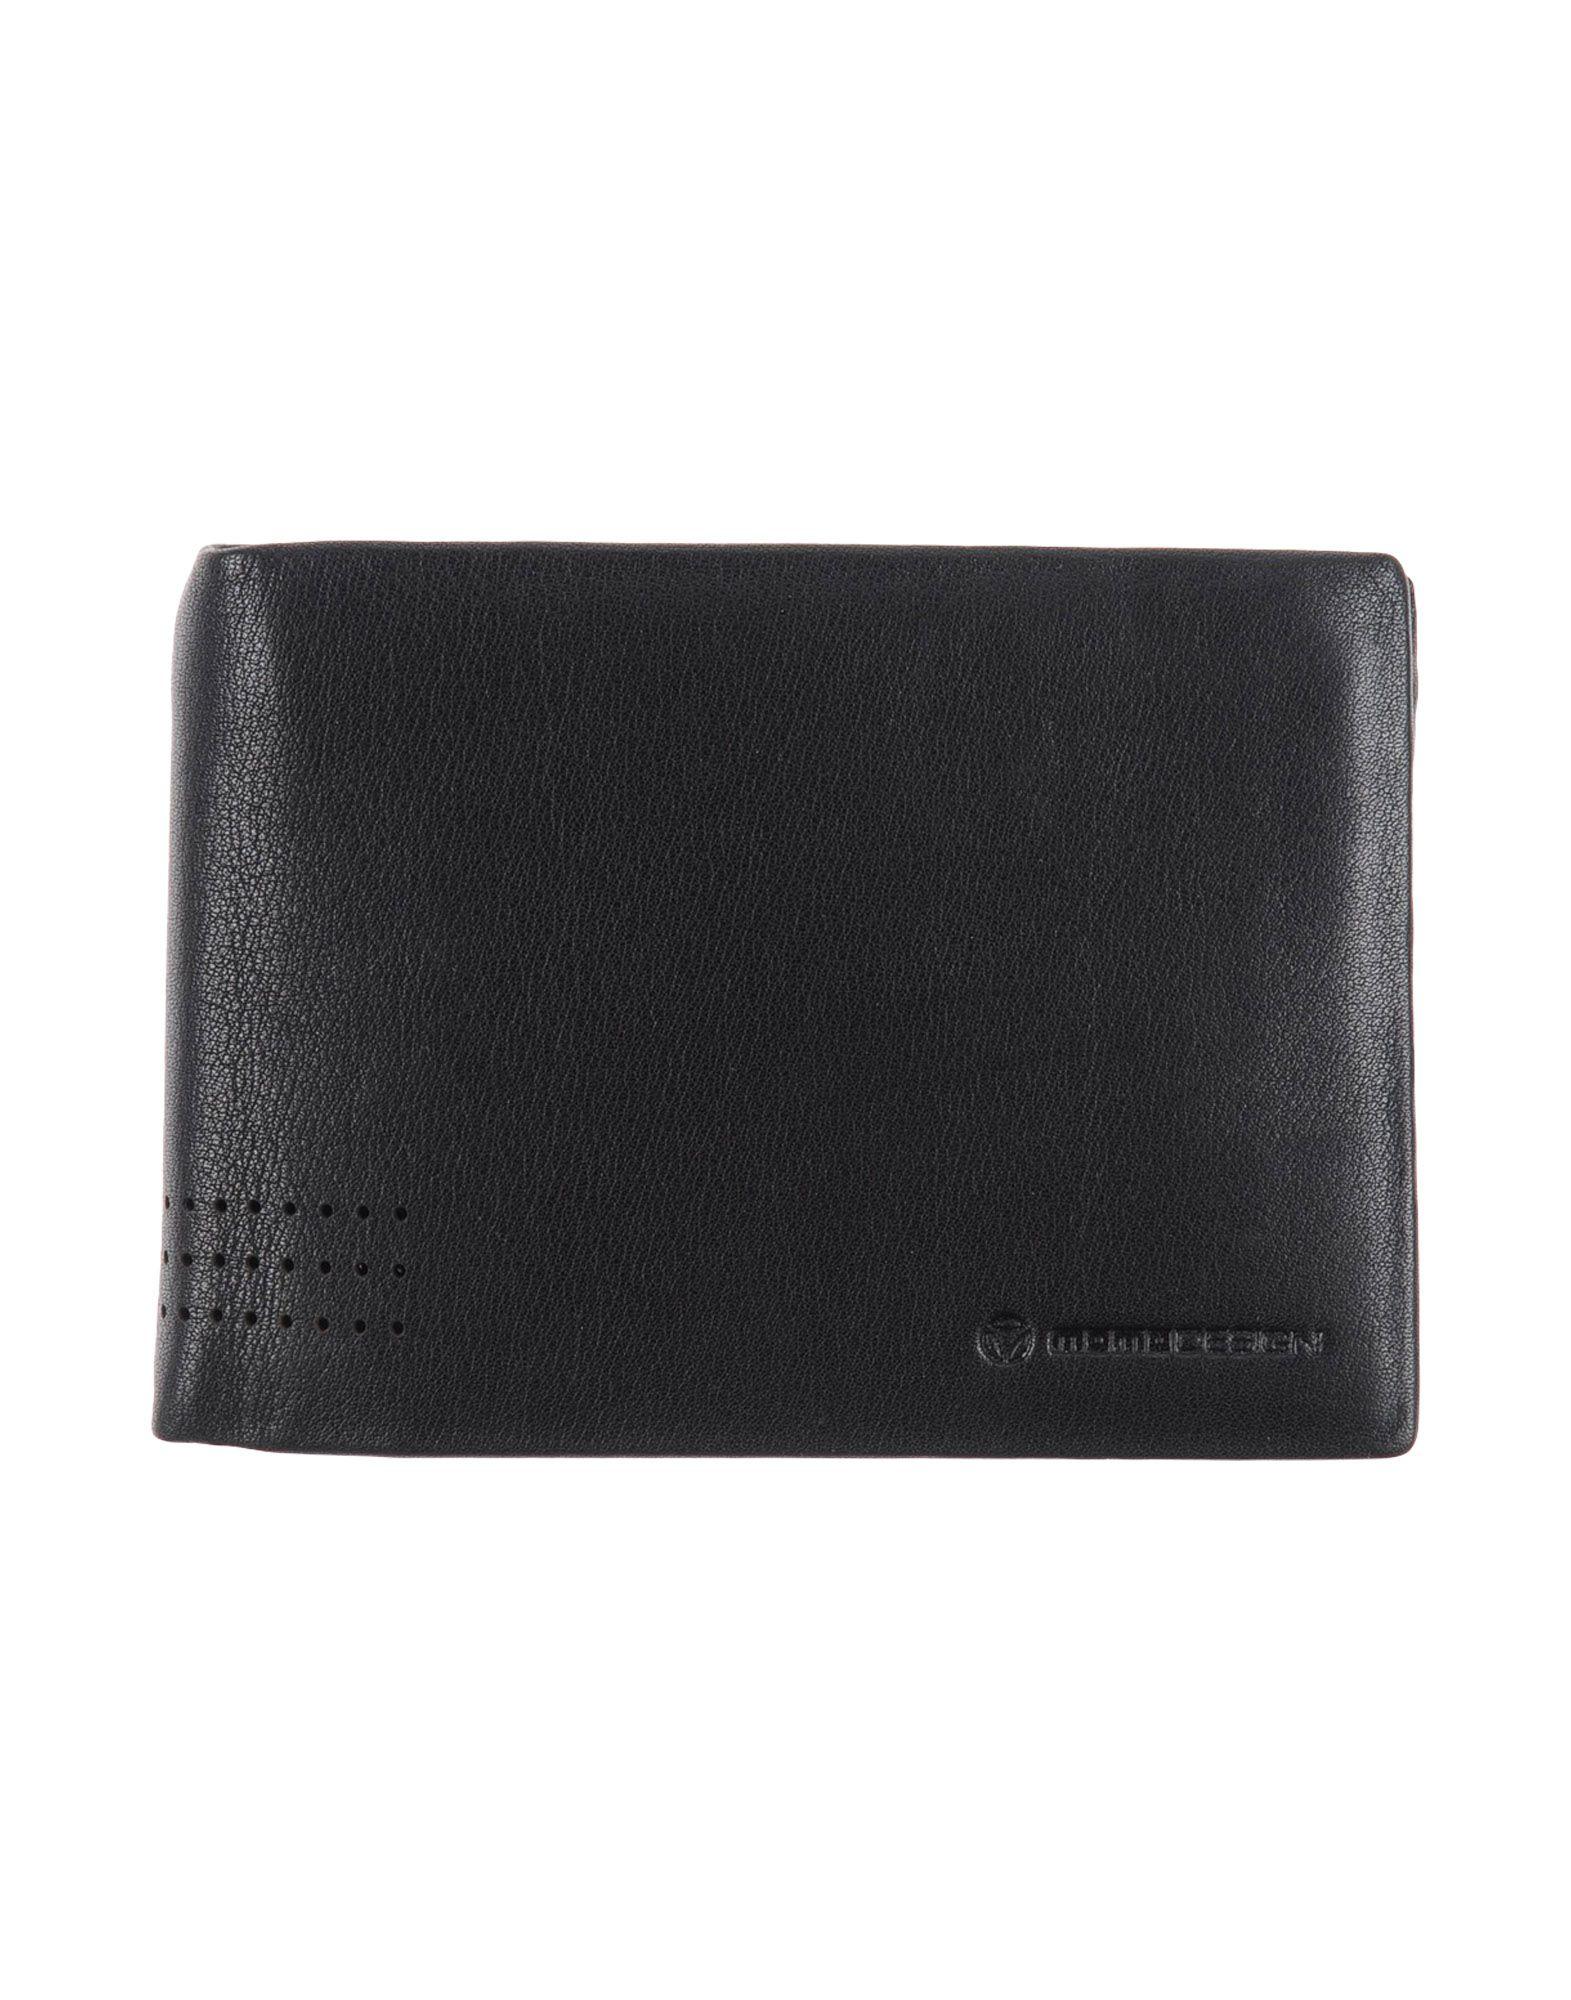 MOMO DESIGN Herren Brieftasche Farbe Schwarz Größe 1